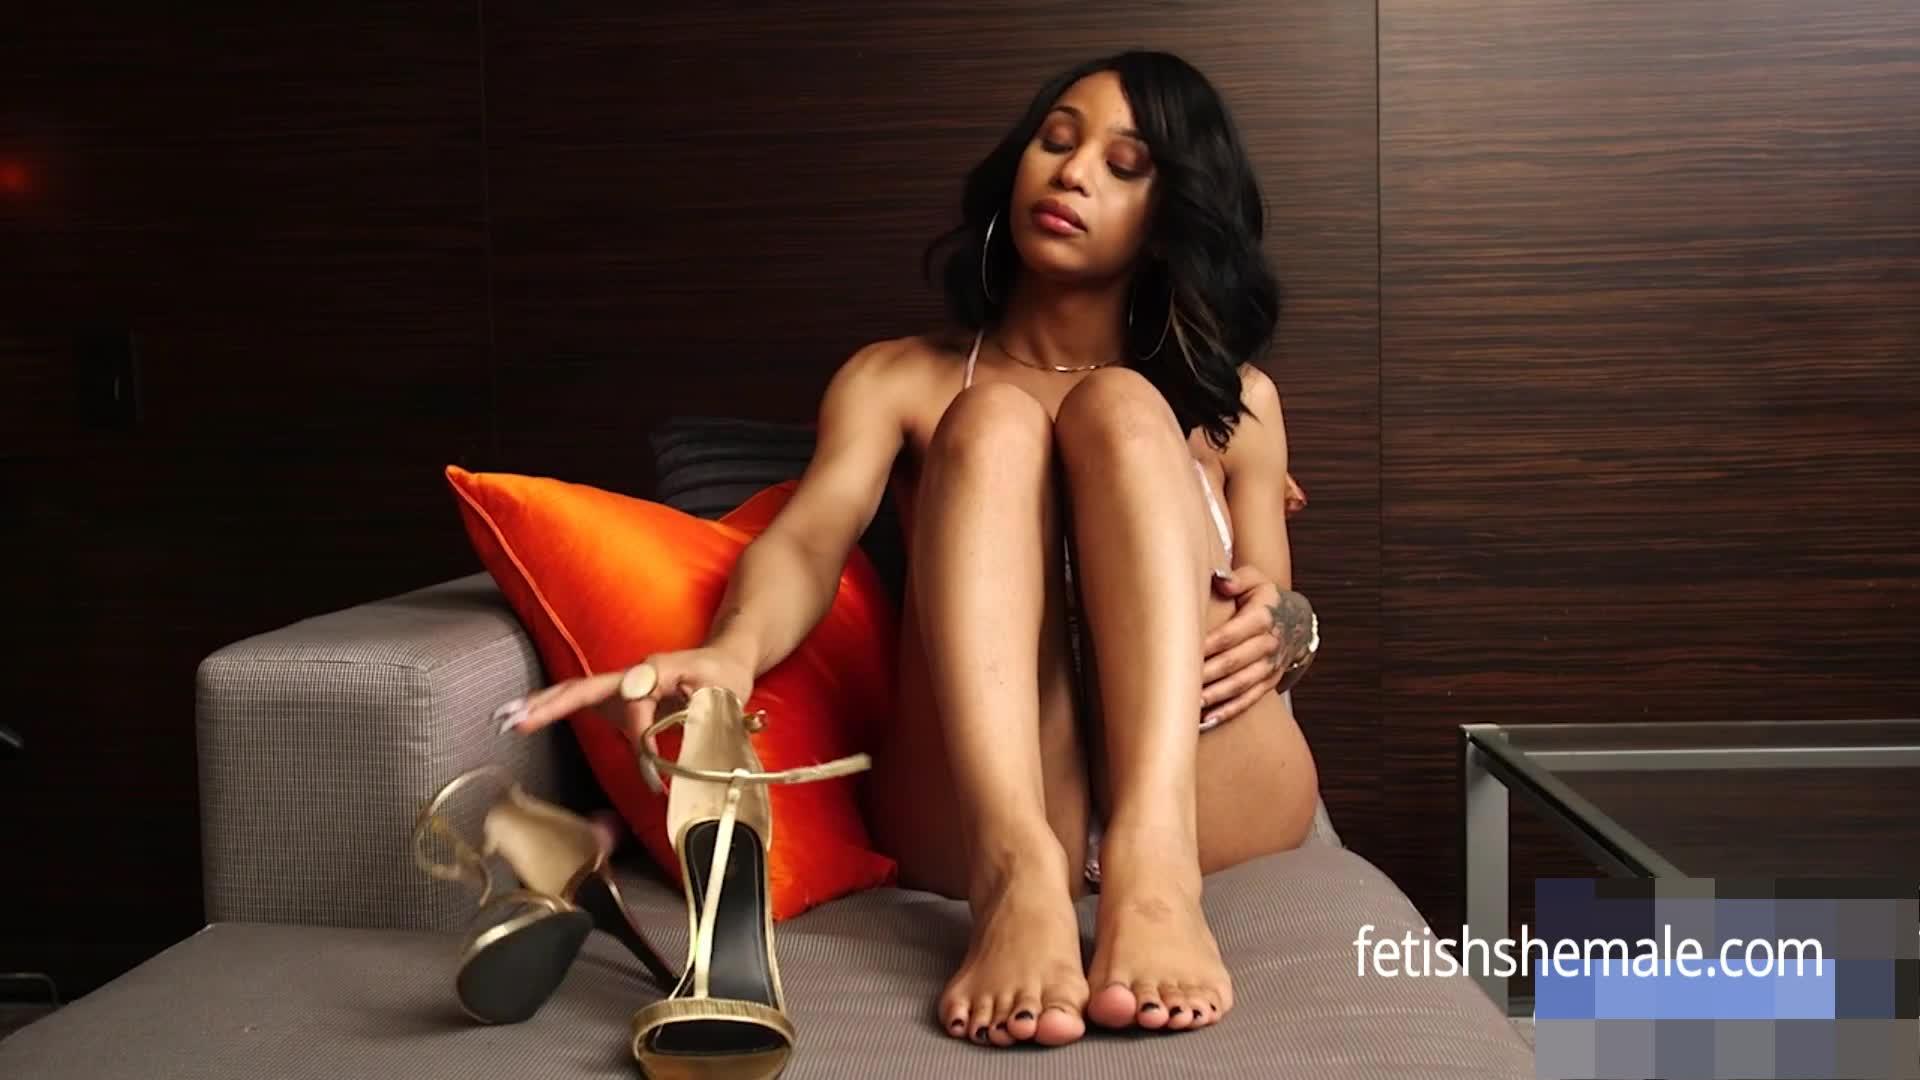 Ebony TS Megan and Her Sexy Feet